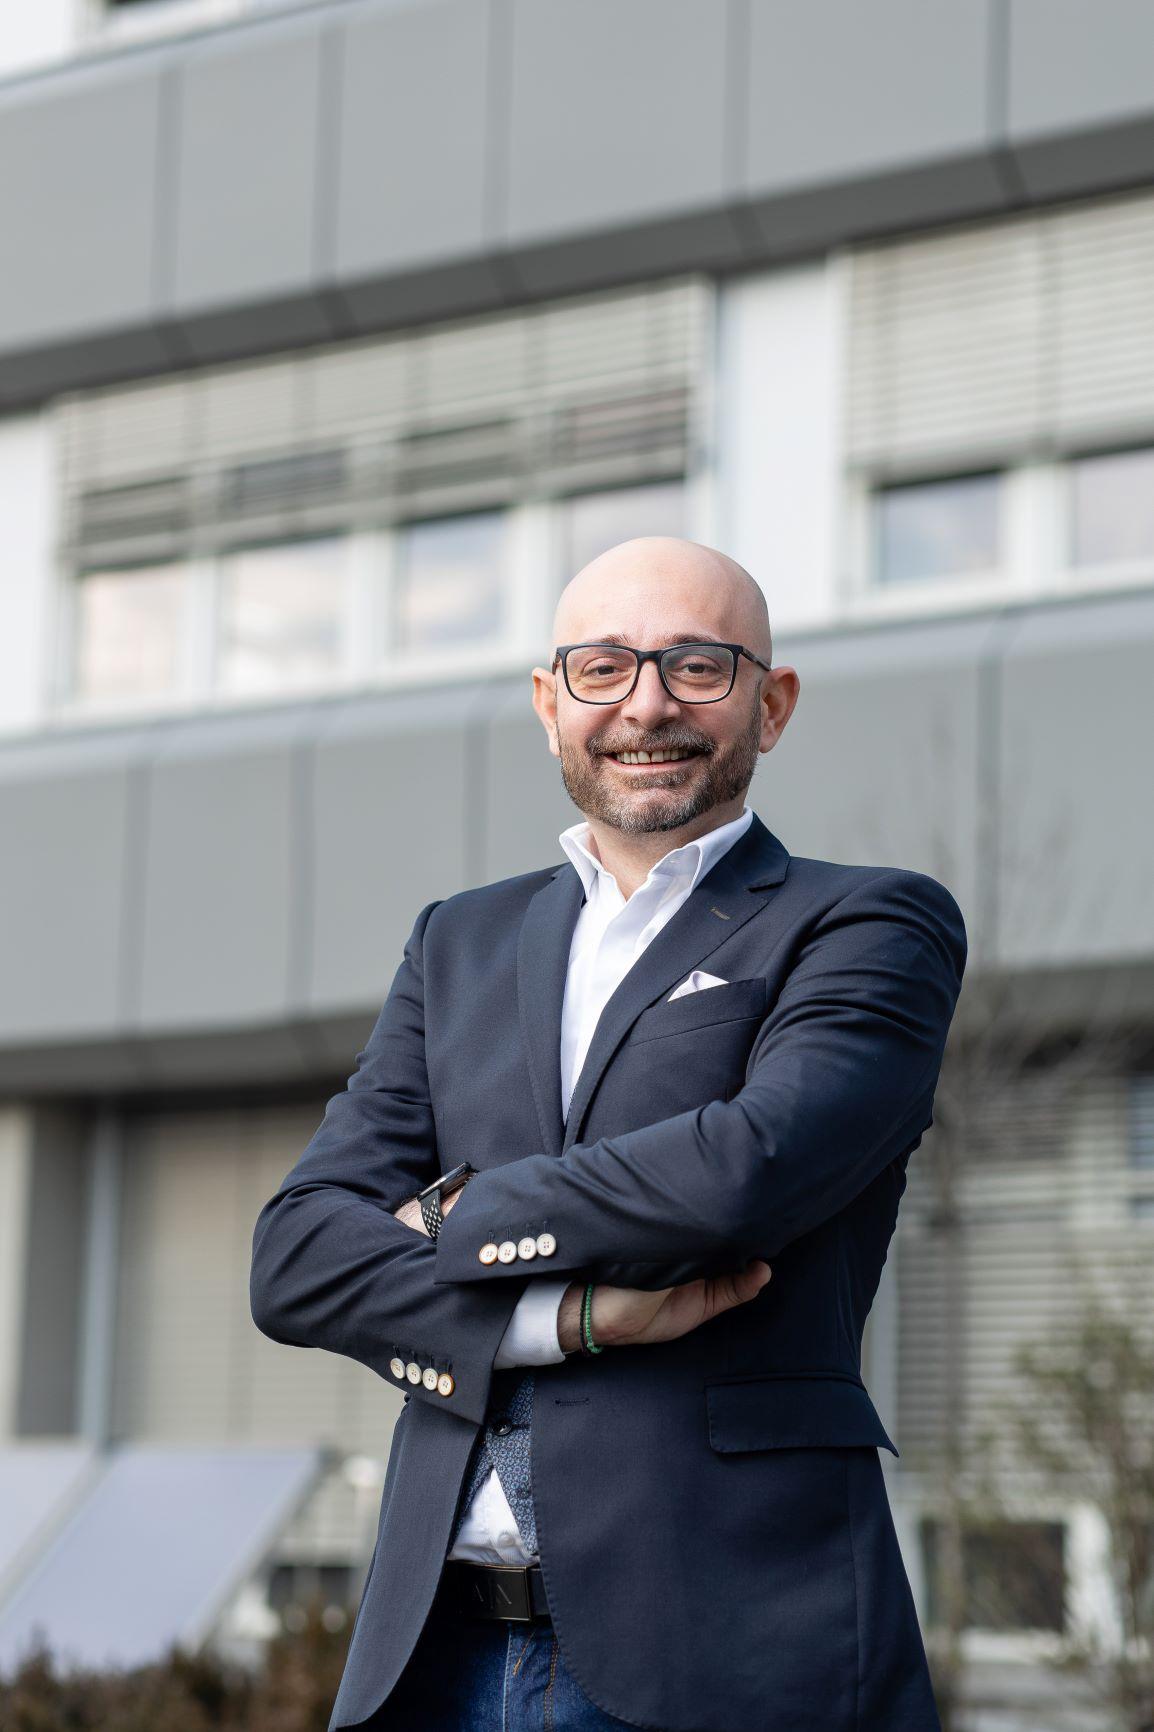 Compania germană REHAU vinde proprietățile din București și Cluj pentru a se muta la Sibiu